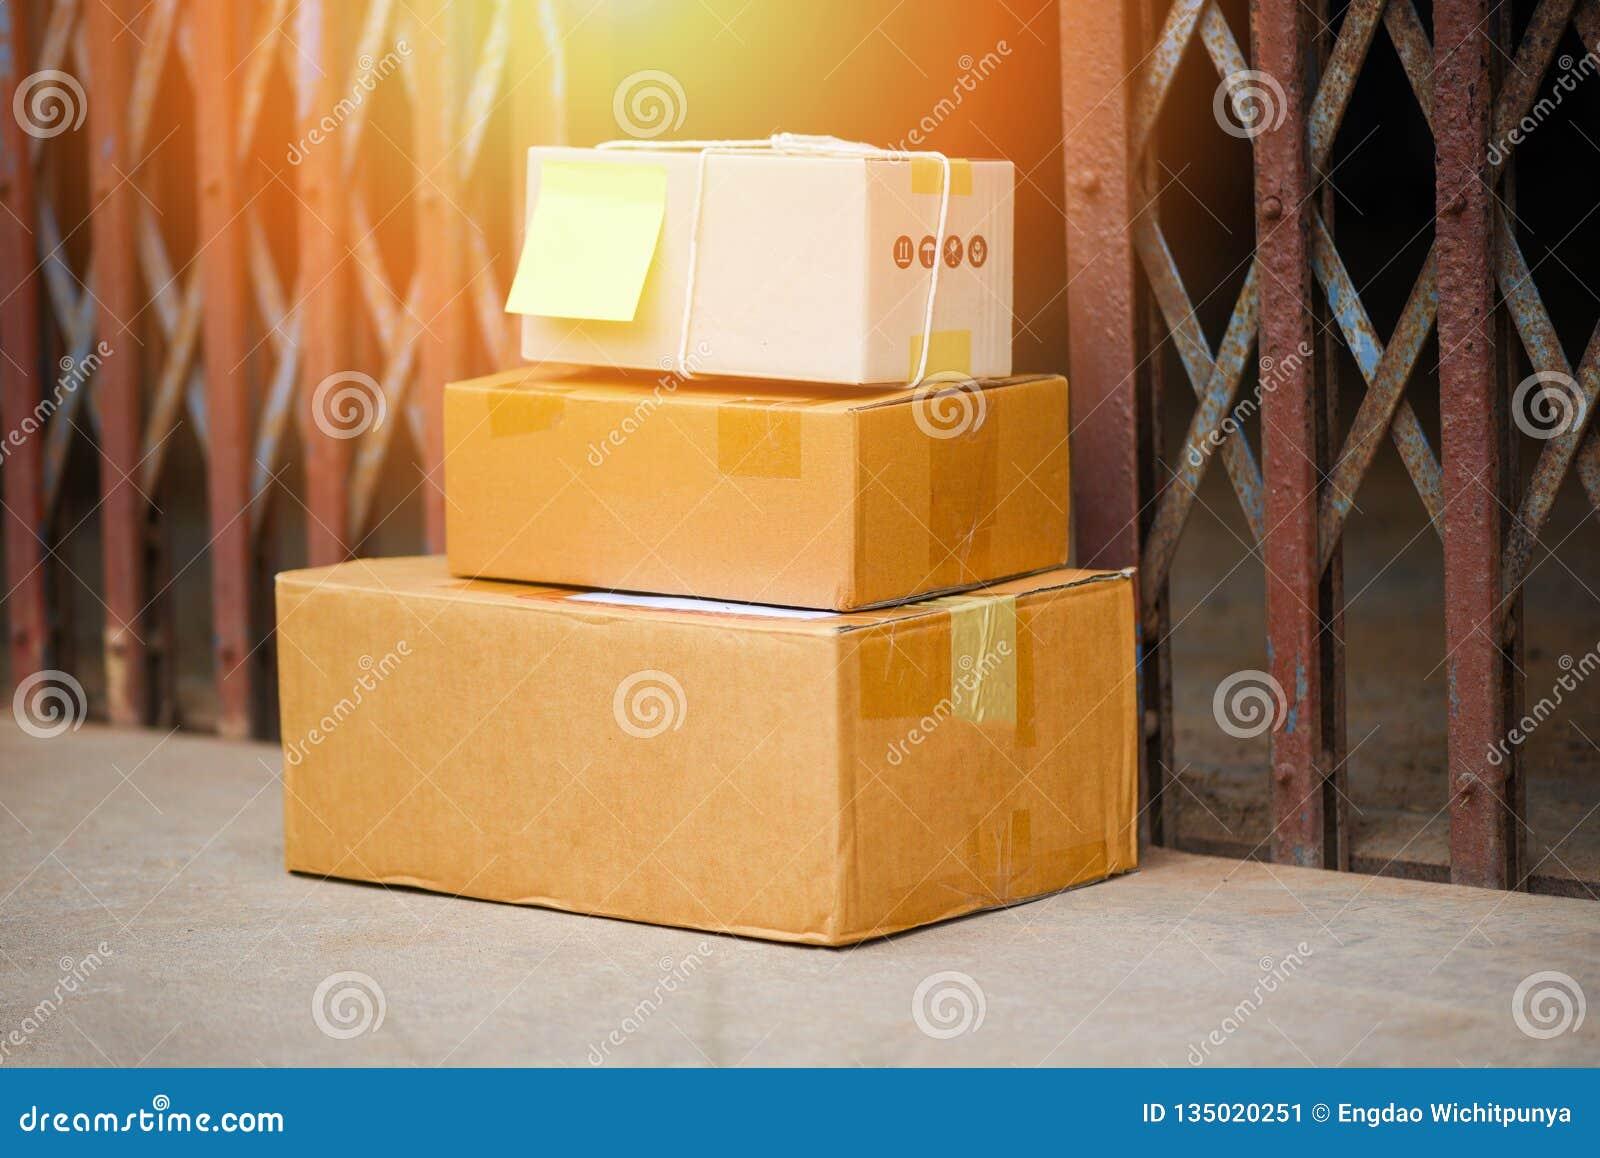 Пакеты ходить по магазинам доставки Ecommerce онлайн и заказом поставленные на поле около стали парадного входа